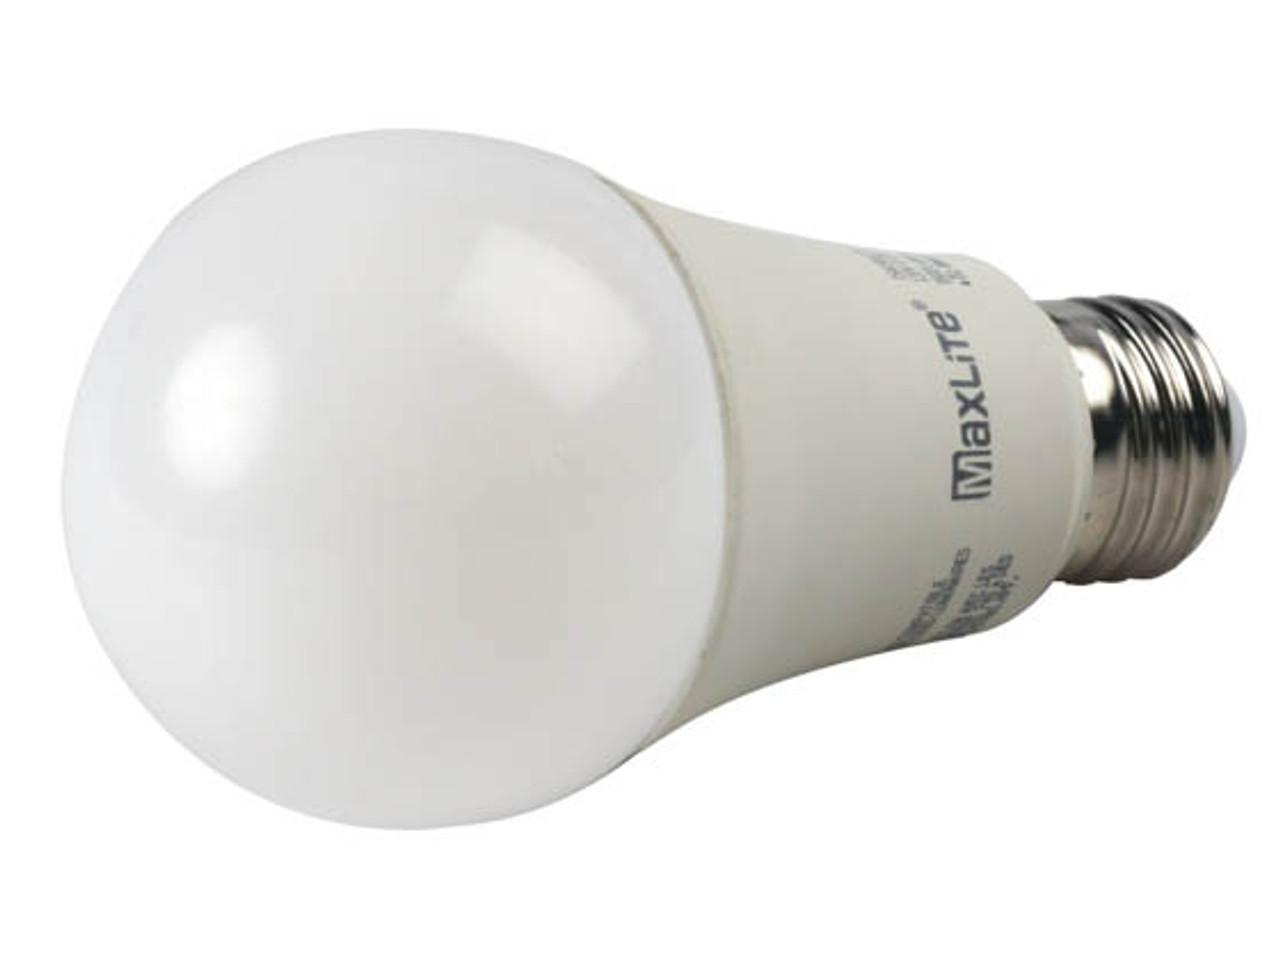 Maxlite 15a19dled40 G2 15 Watt Dimmable Led Light Bulb 4000k